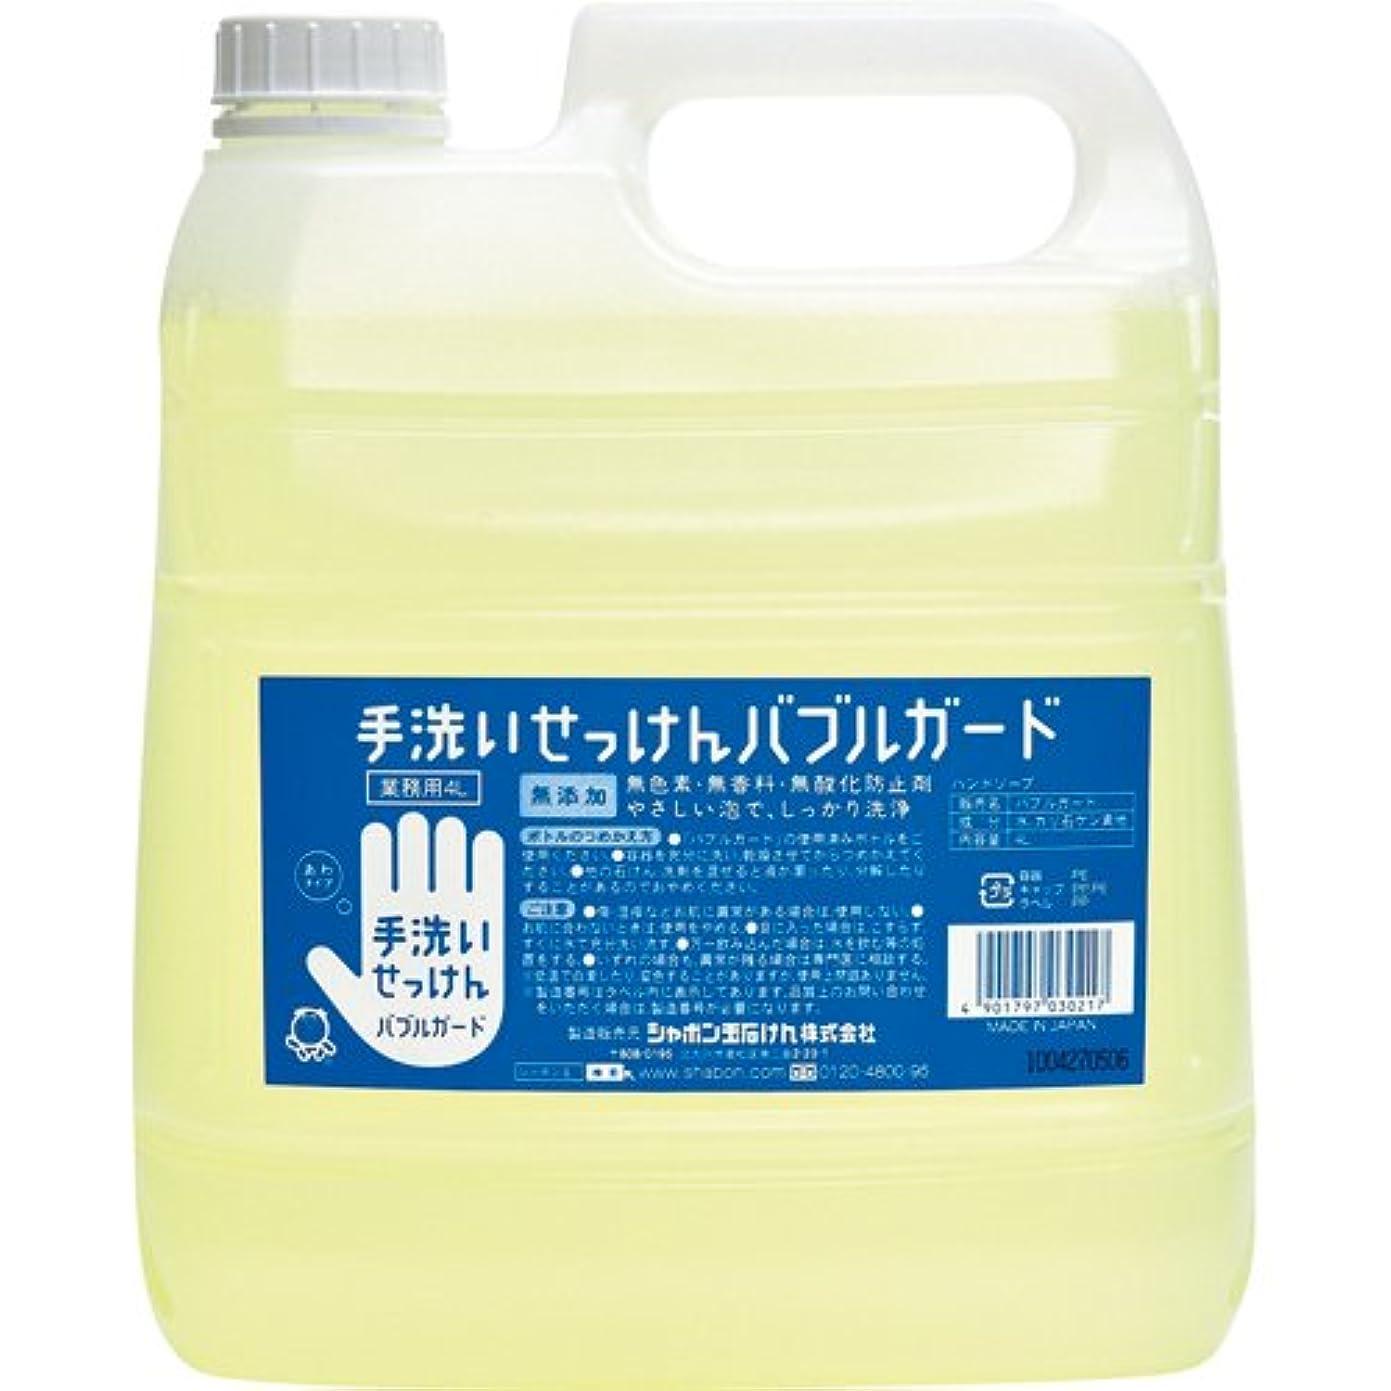 交渉する死の顎内陸[シャボン玉石けん 1692542] (ケア商品)手洗いせっけん バブルガード 泡タイプ 業務用 4L